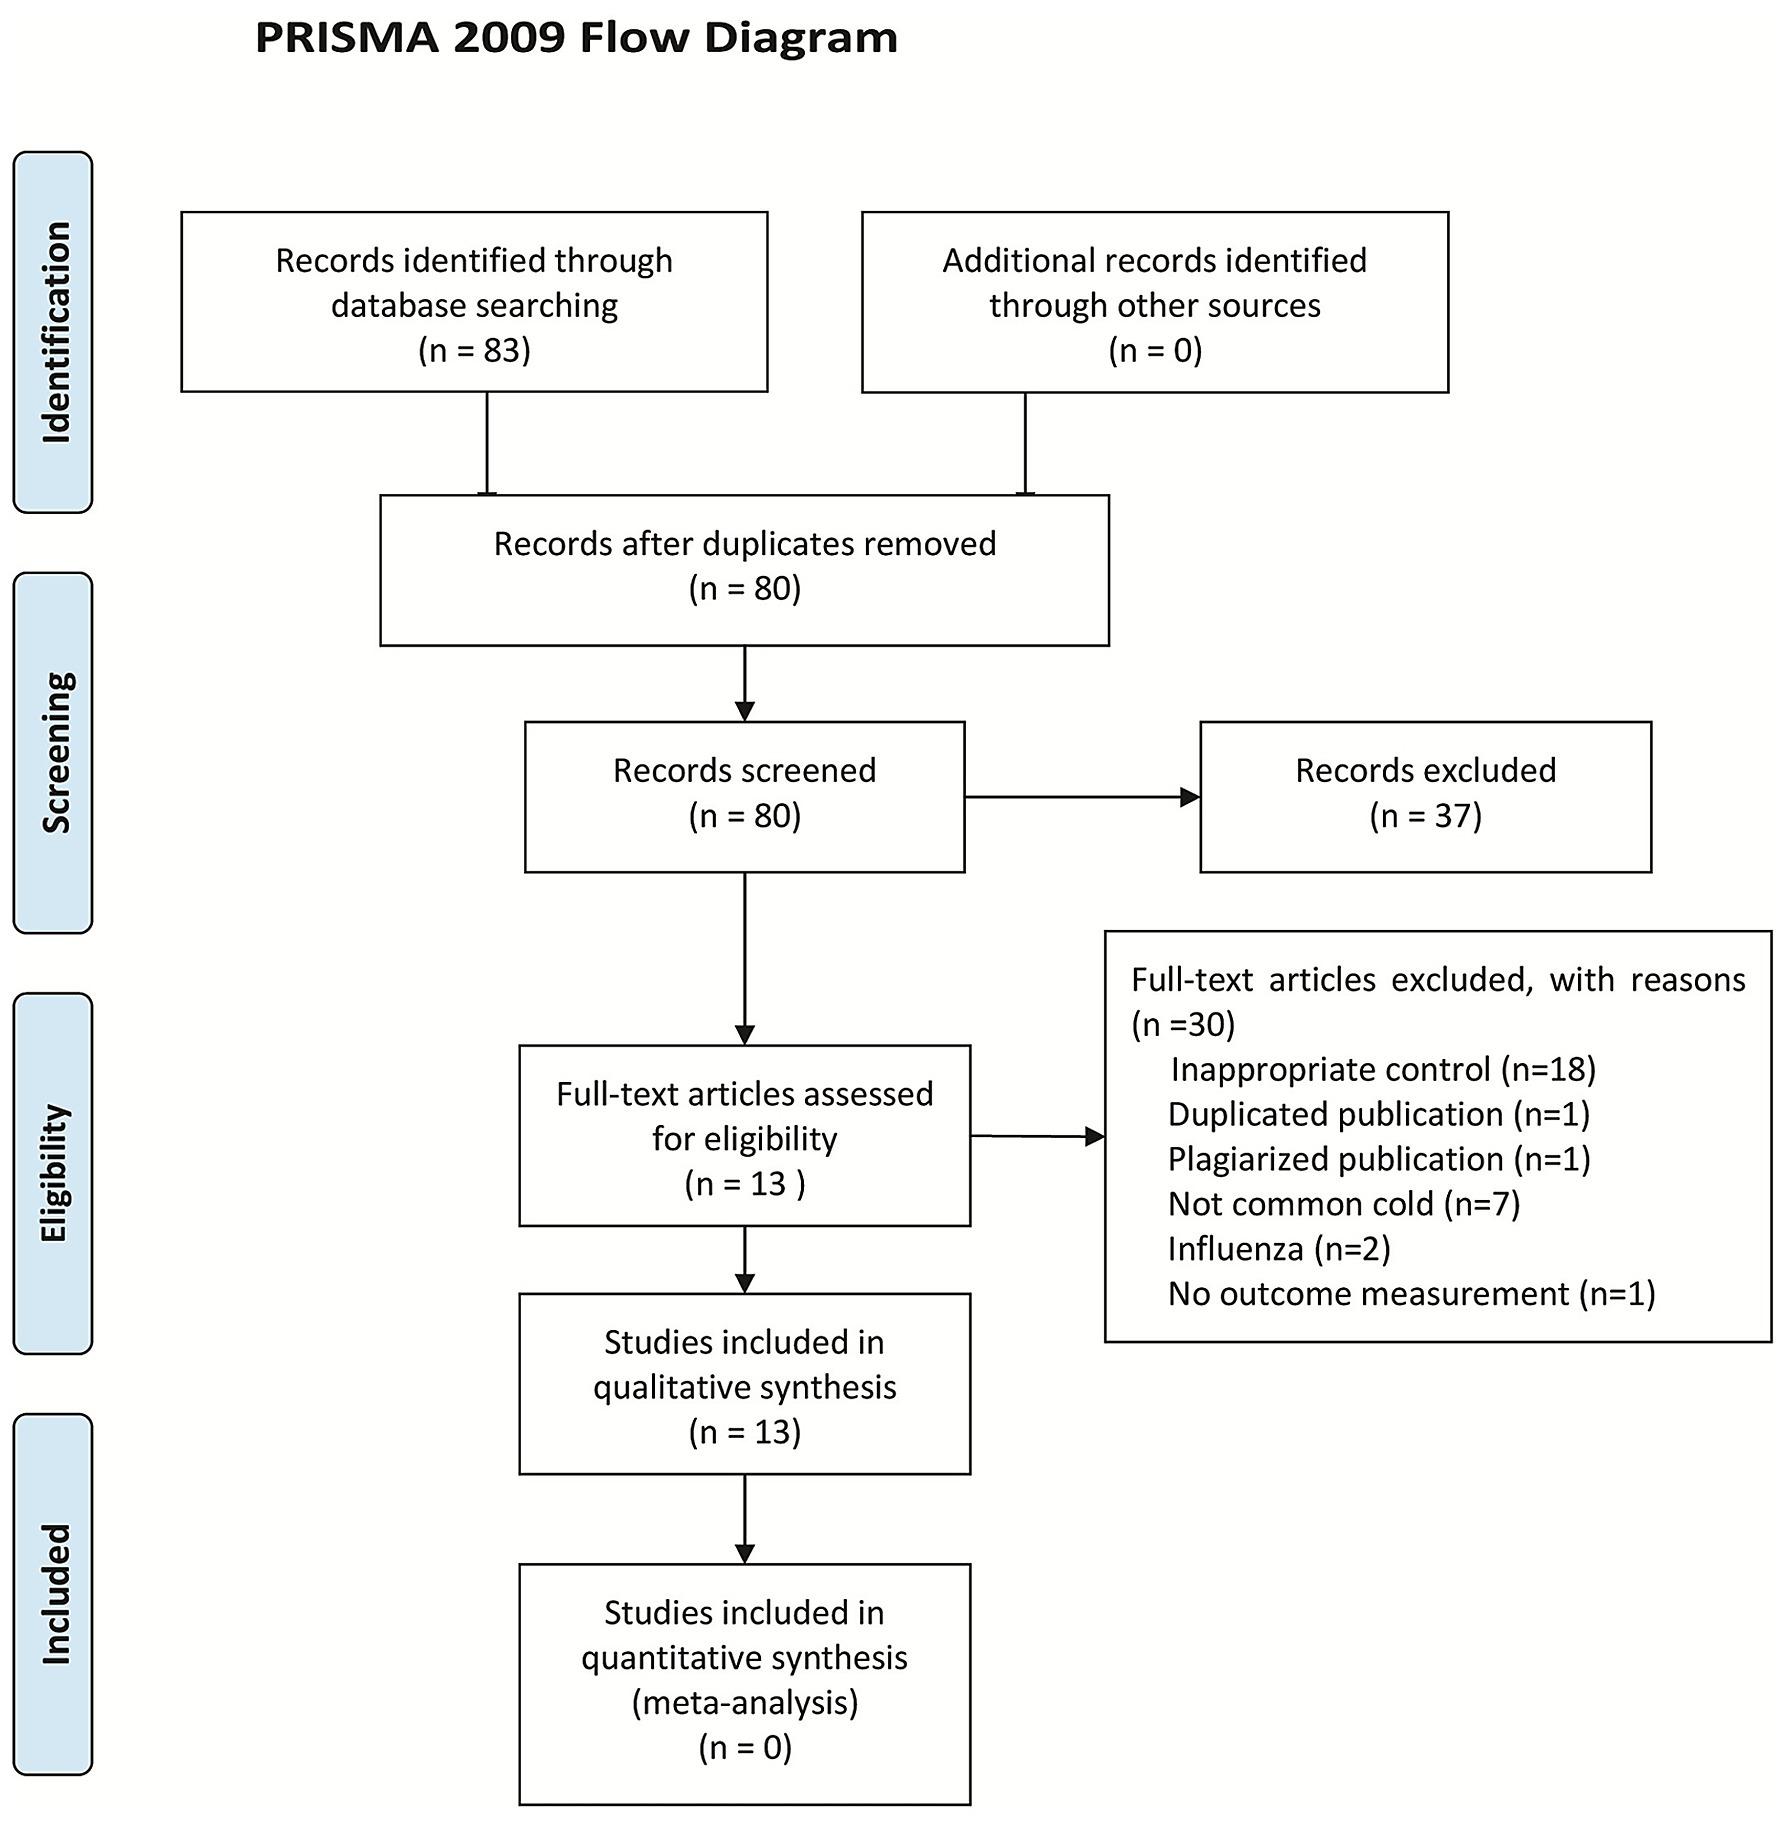 prisma 2009 flow diagram  : prisma flow diagram - findchart.co